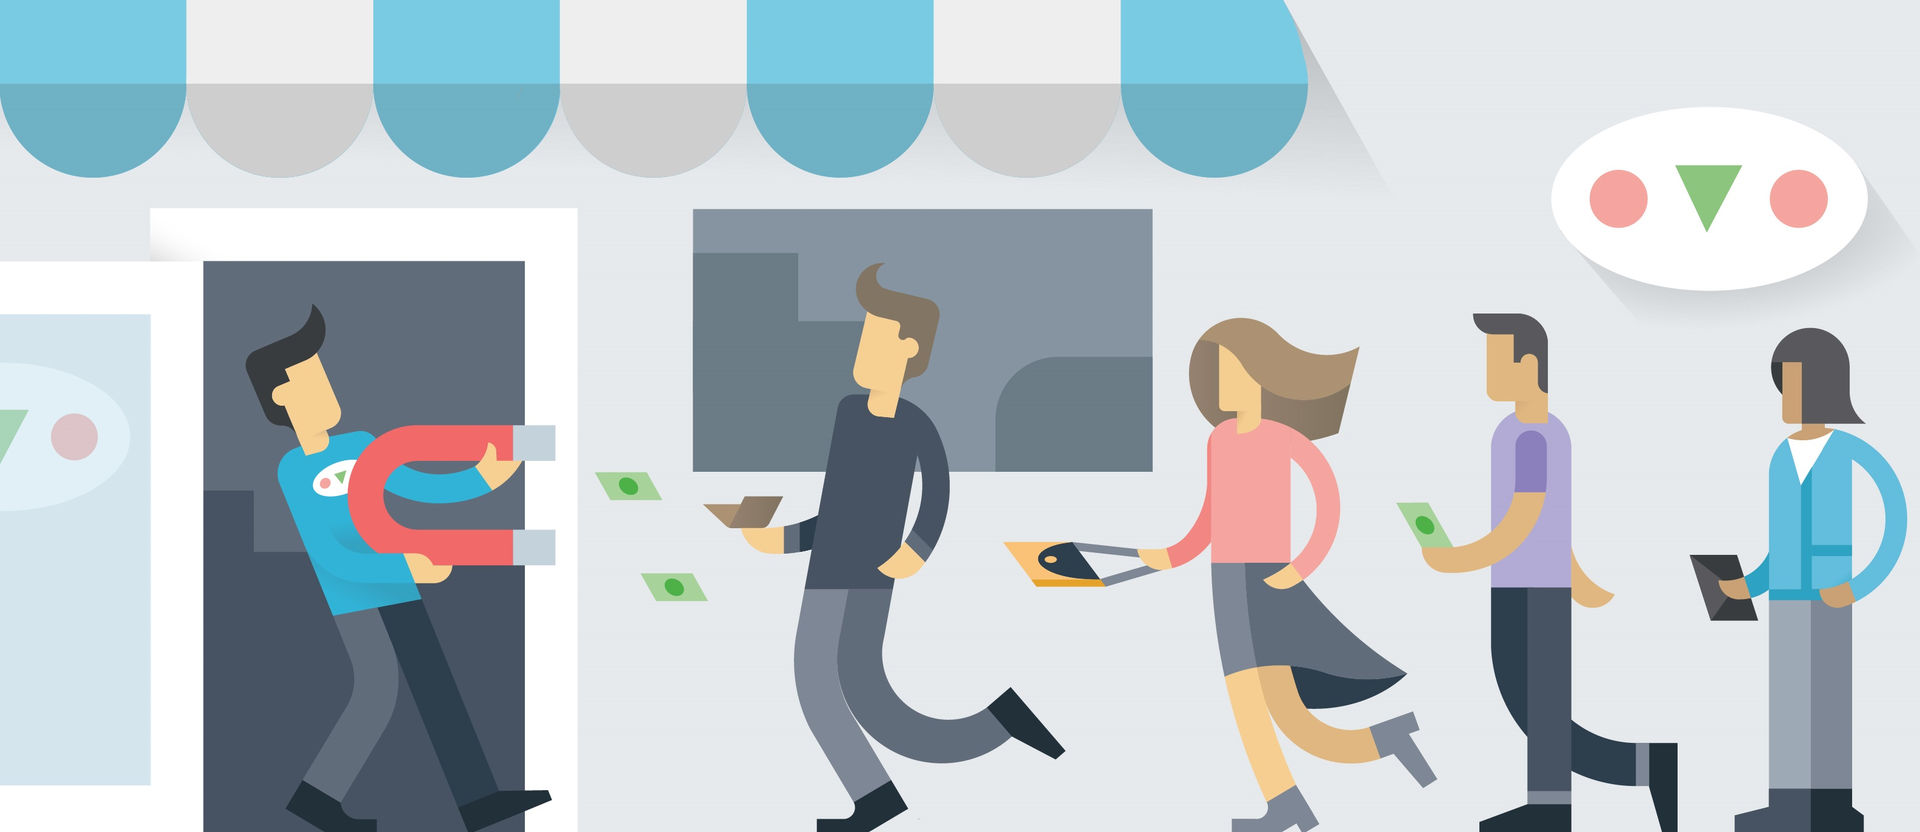 Cách thức thu hút khách hàng cho cửa hàng kinh doanh online